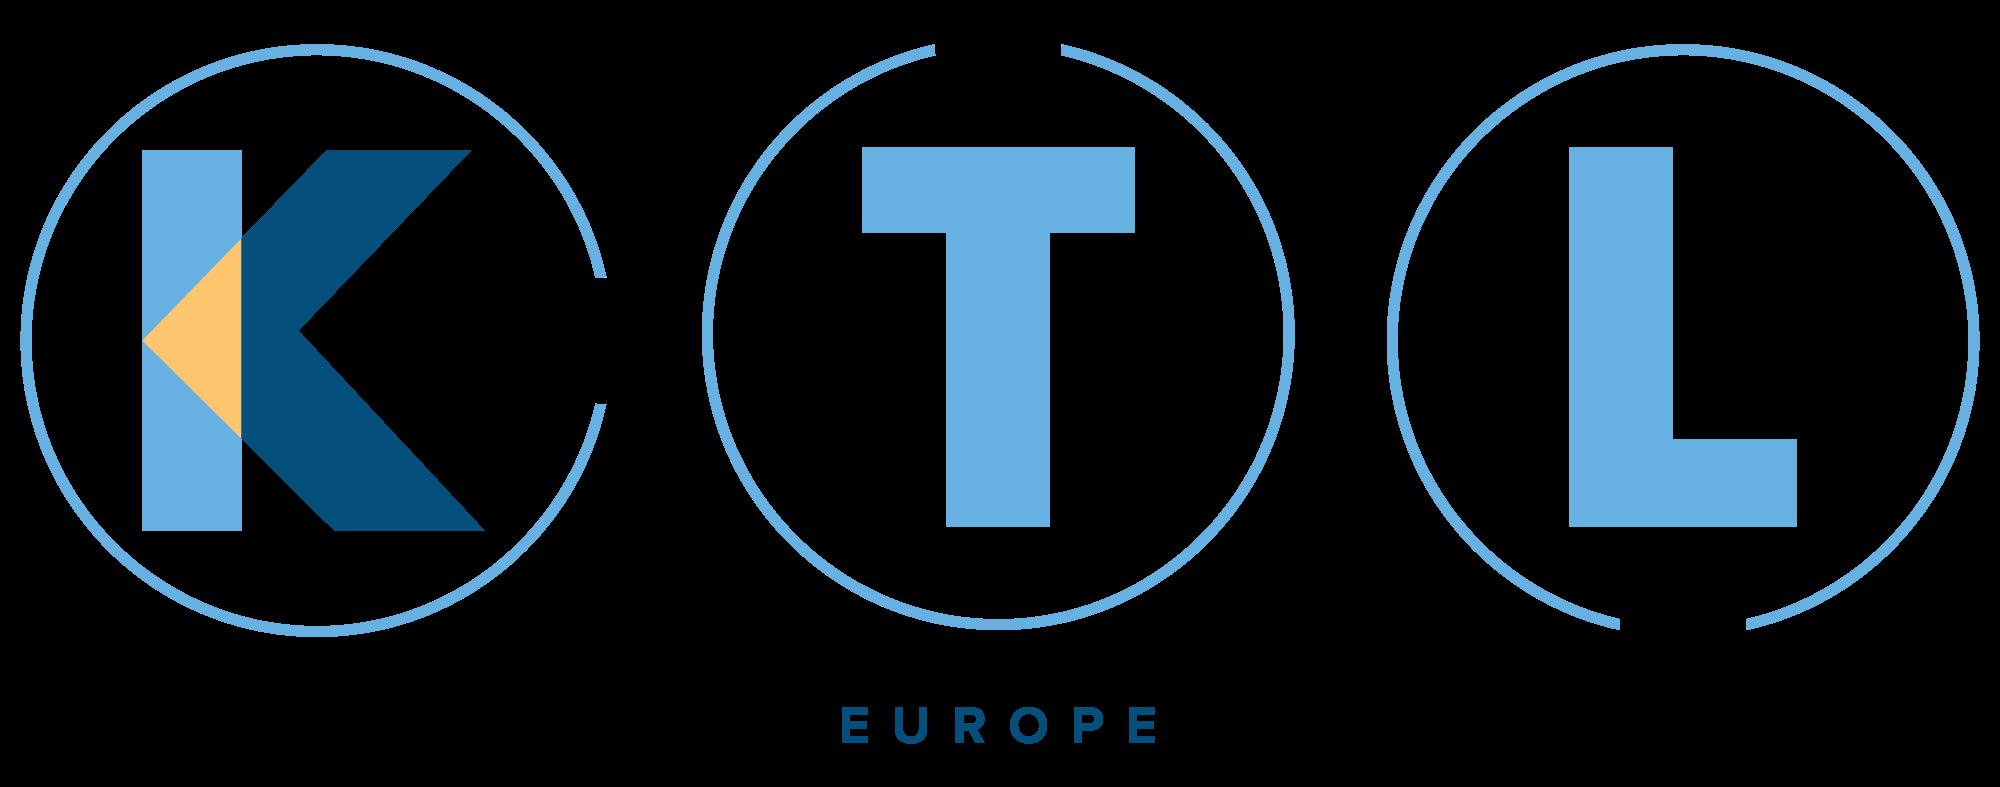 KTL UK Europe logo